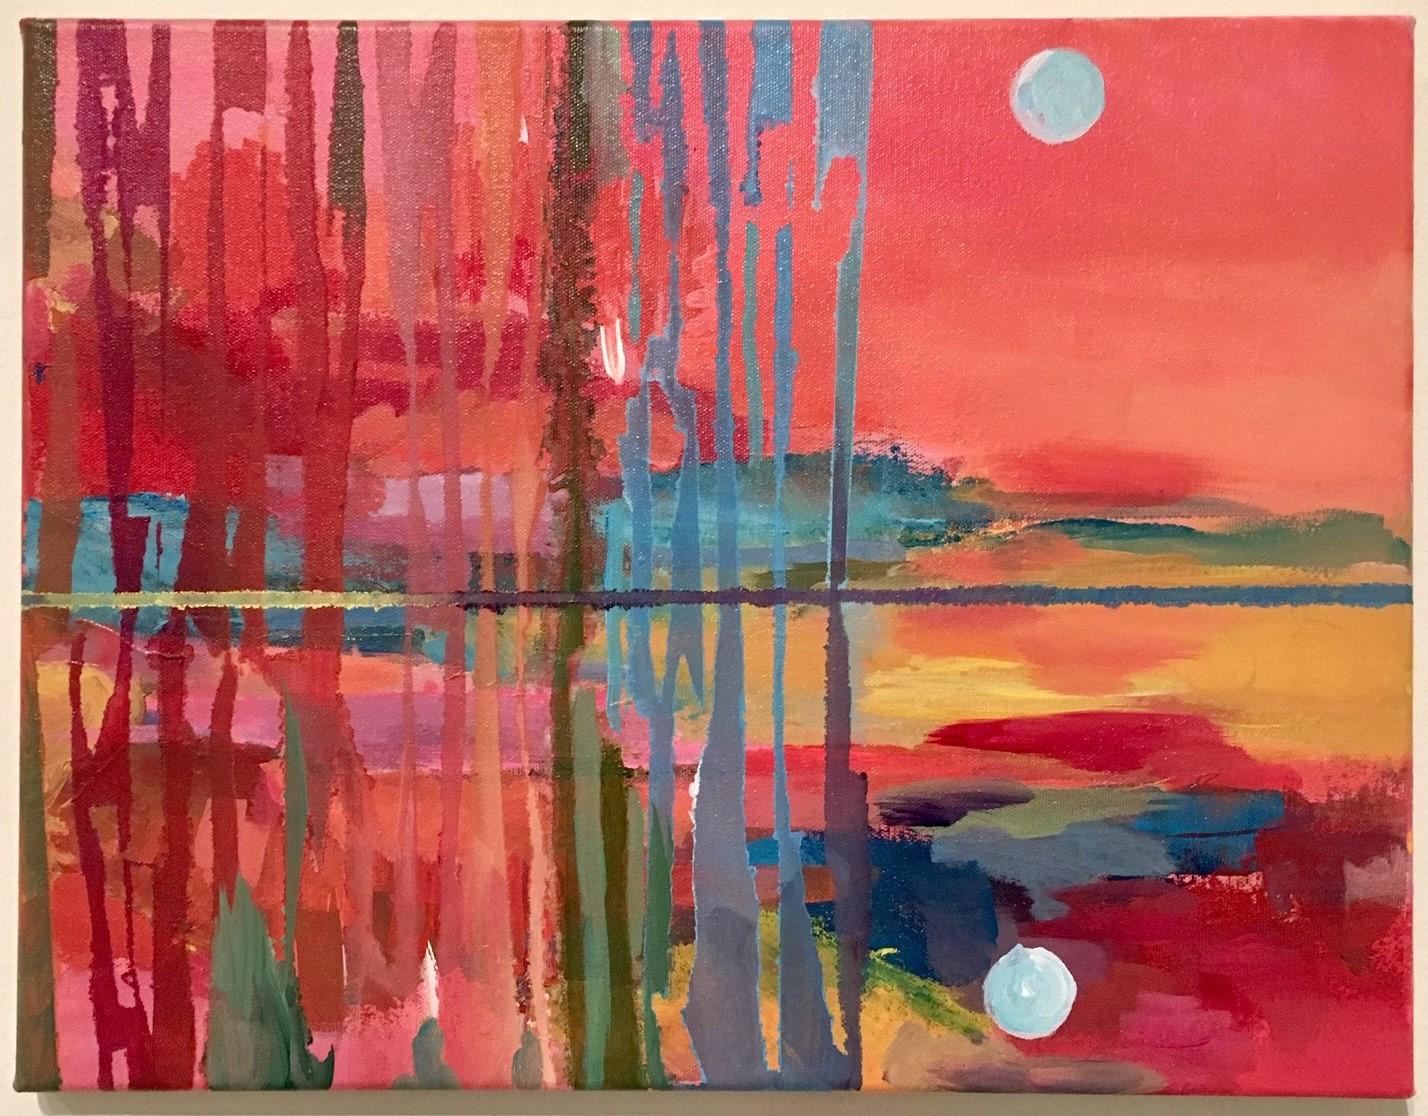 Monica Cuellar, Their Reflection and Love, acrylic on canvas. © Monica Cuellar